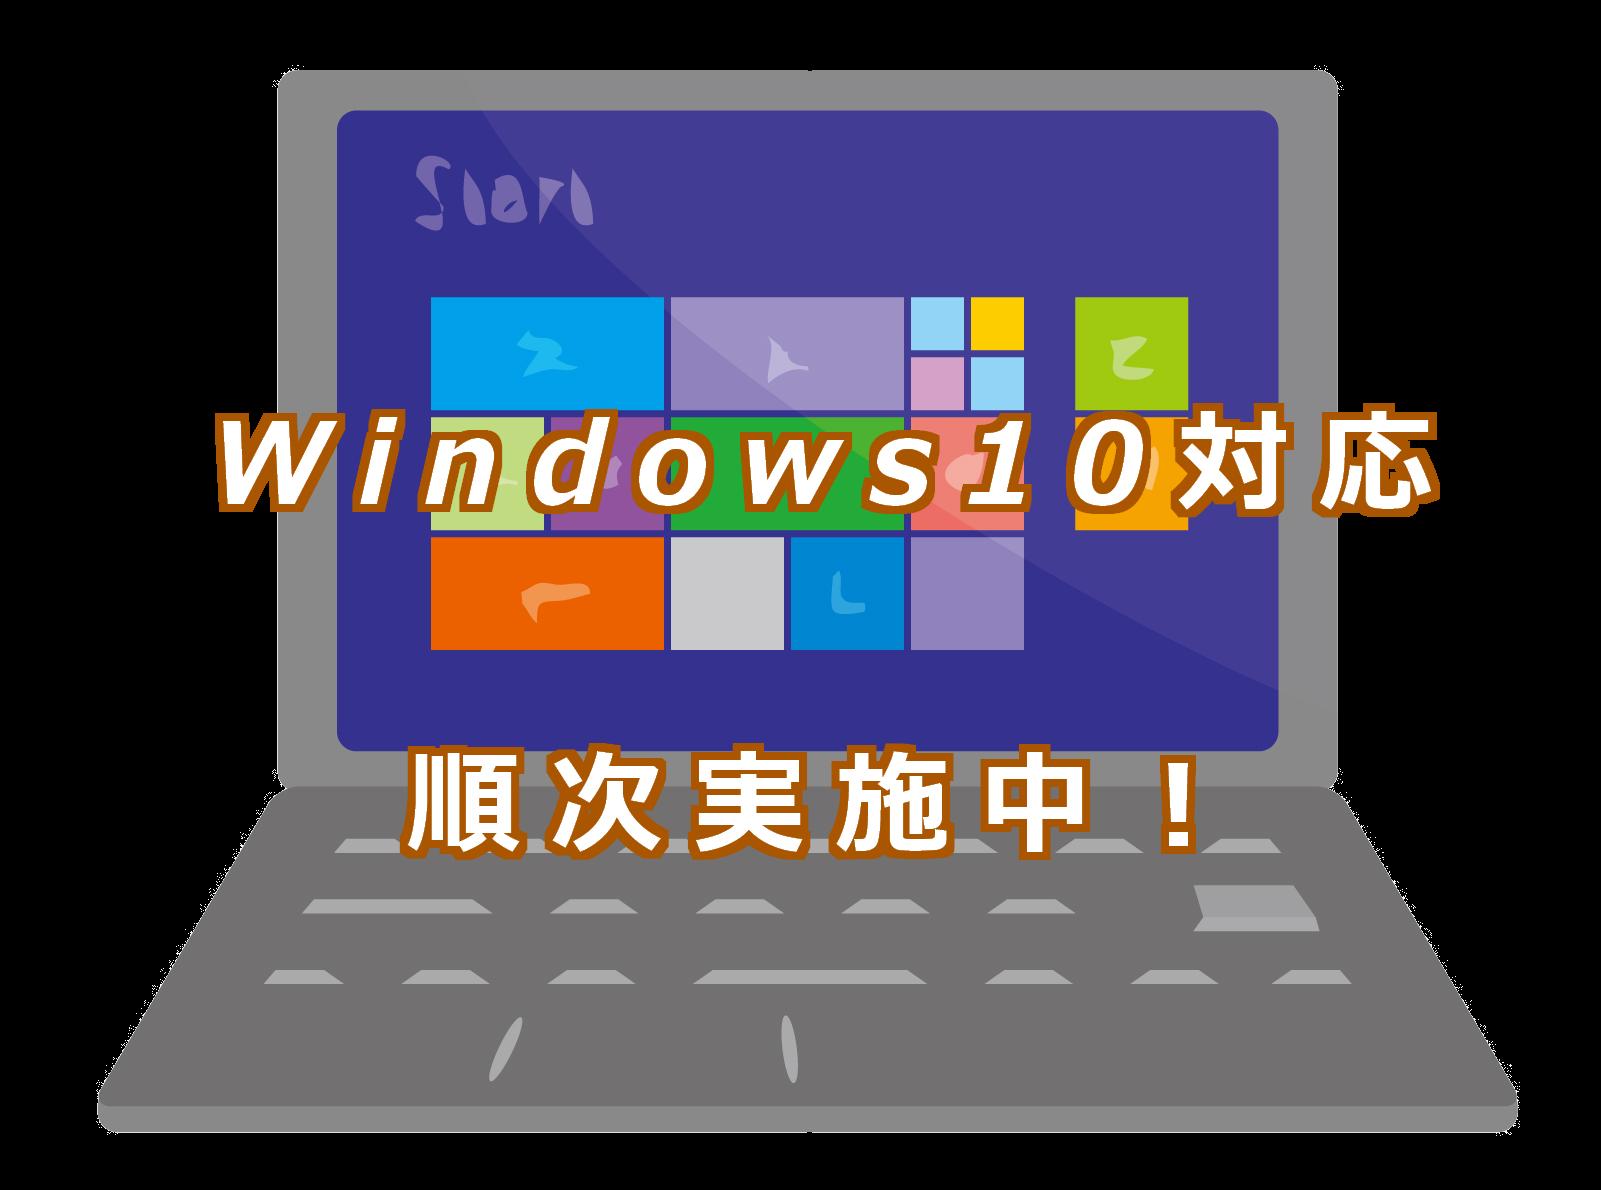 windows10対応